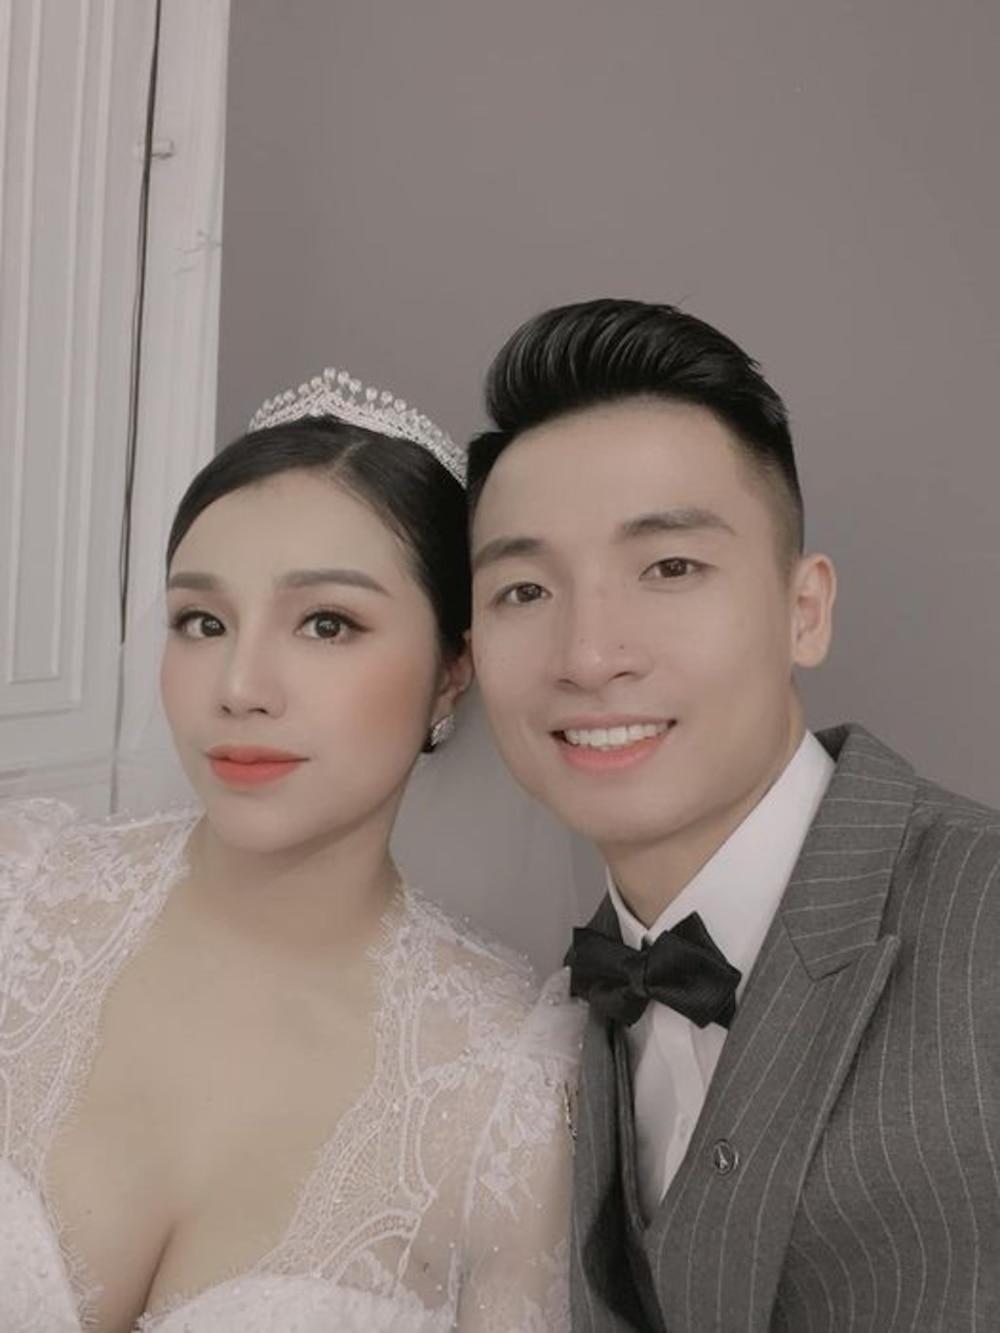 Sau bức hình ''nhá hàng'', fan đang chờ trọn bộ ảnh cưới của Bùi Tiến Dũng và Khánh Linh.